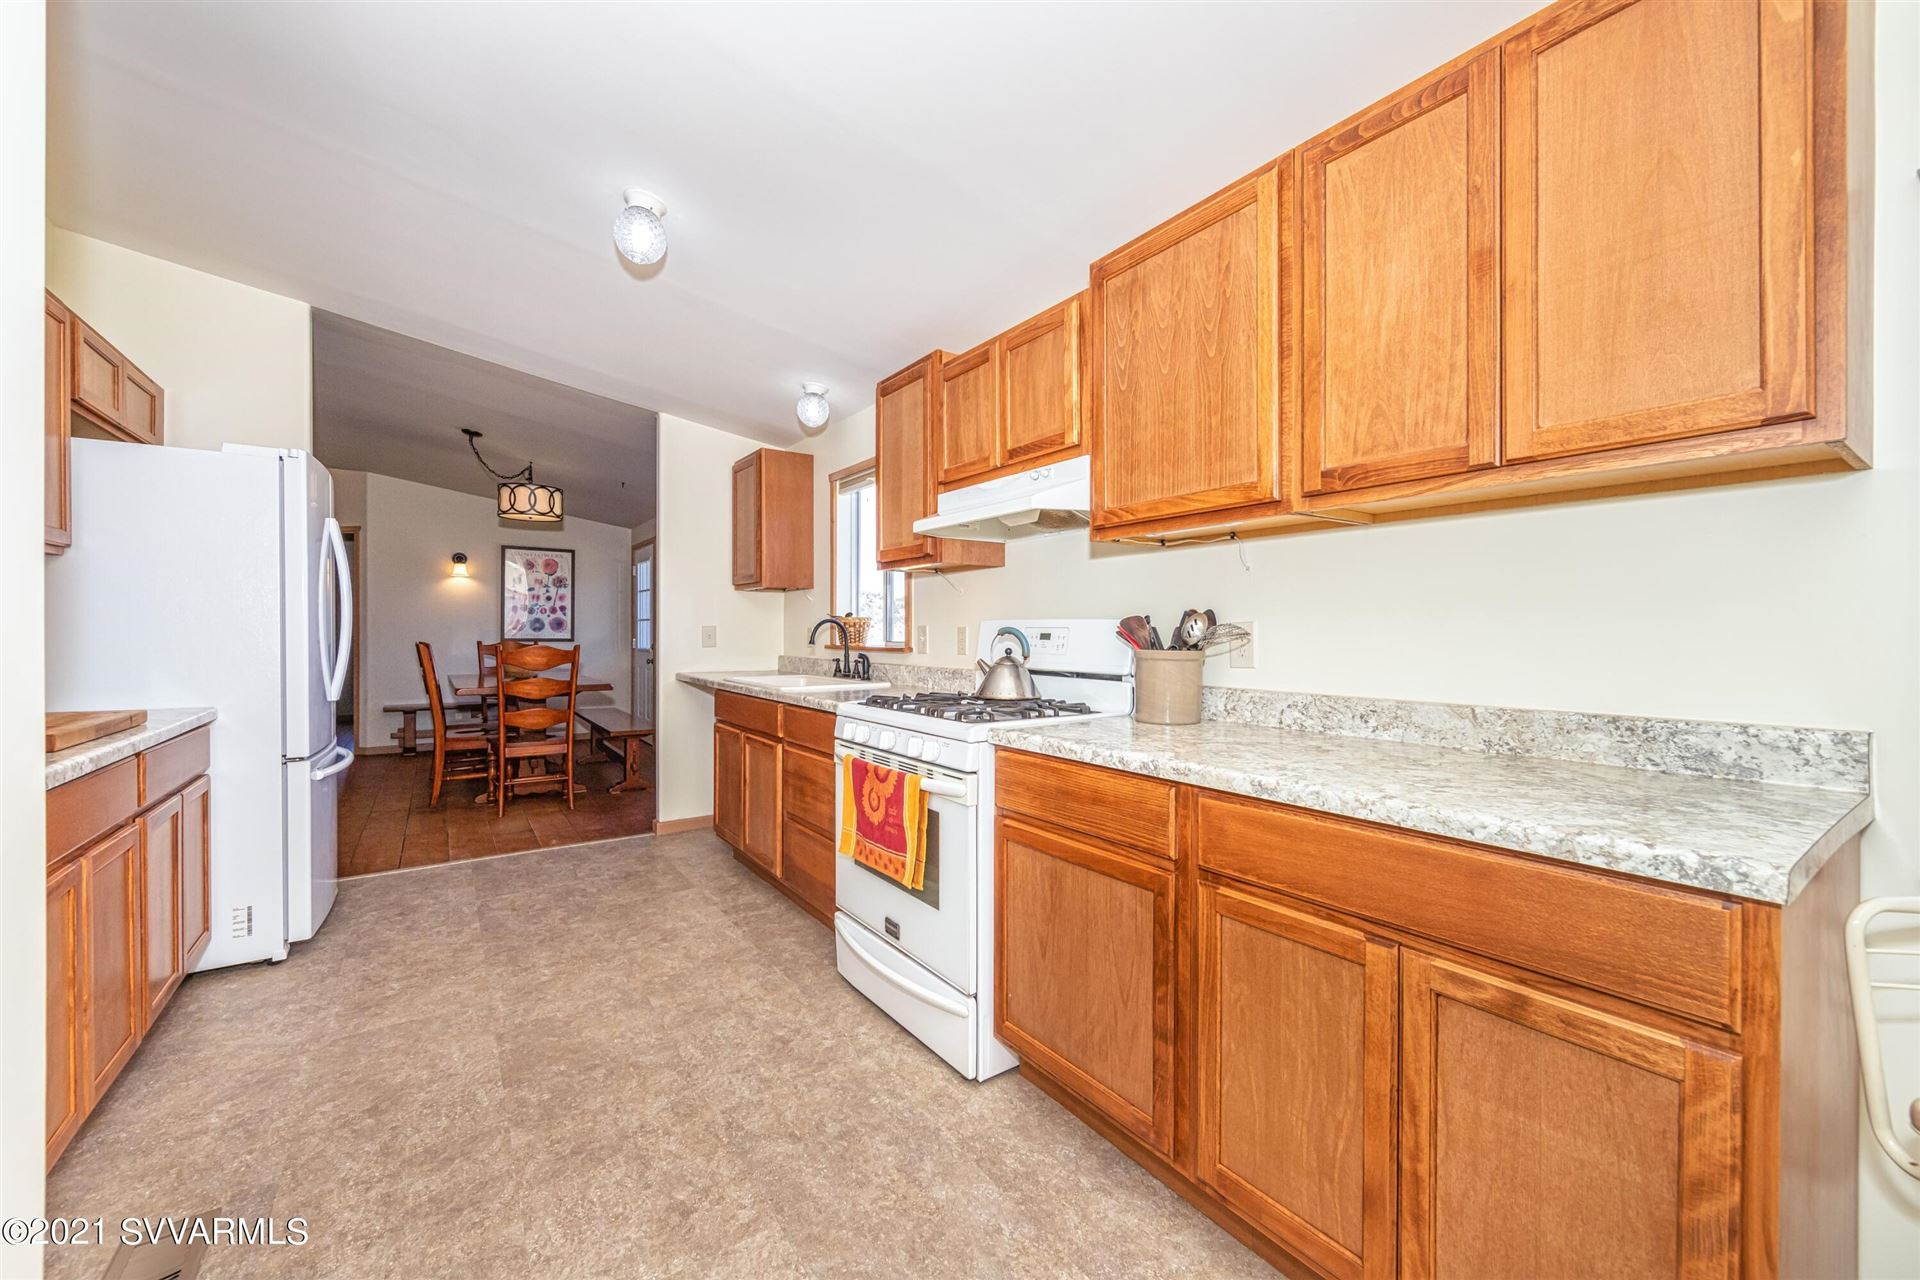 Photo of 2160 E Kimberly's Way, Rimrock, AZ 86335 (MLS # 526143)